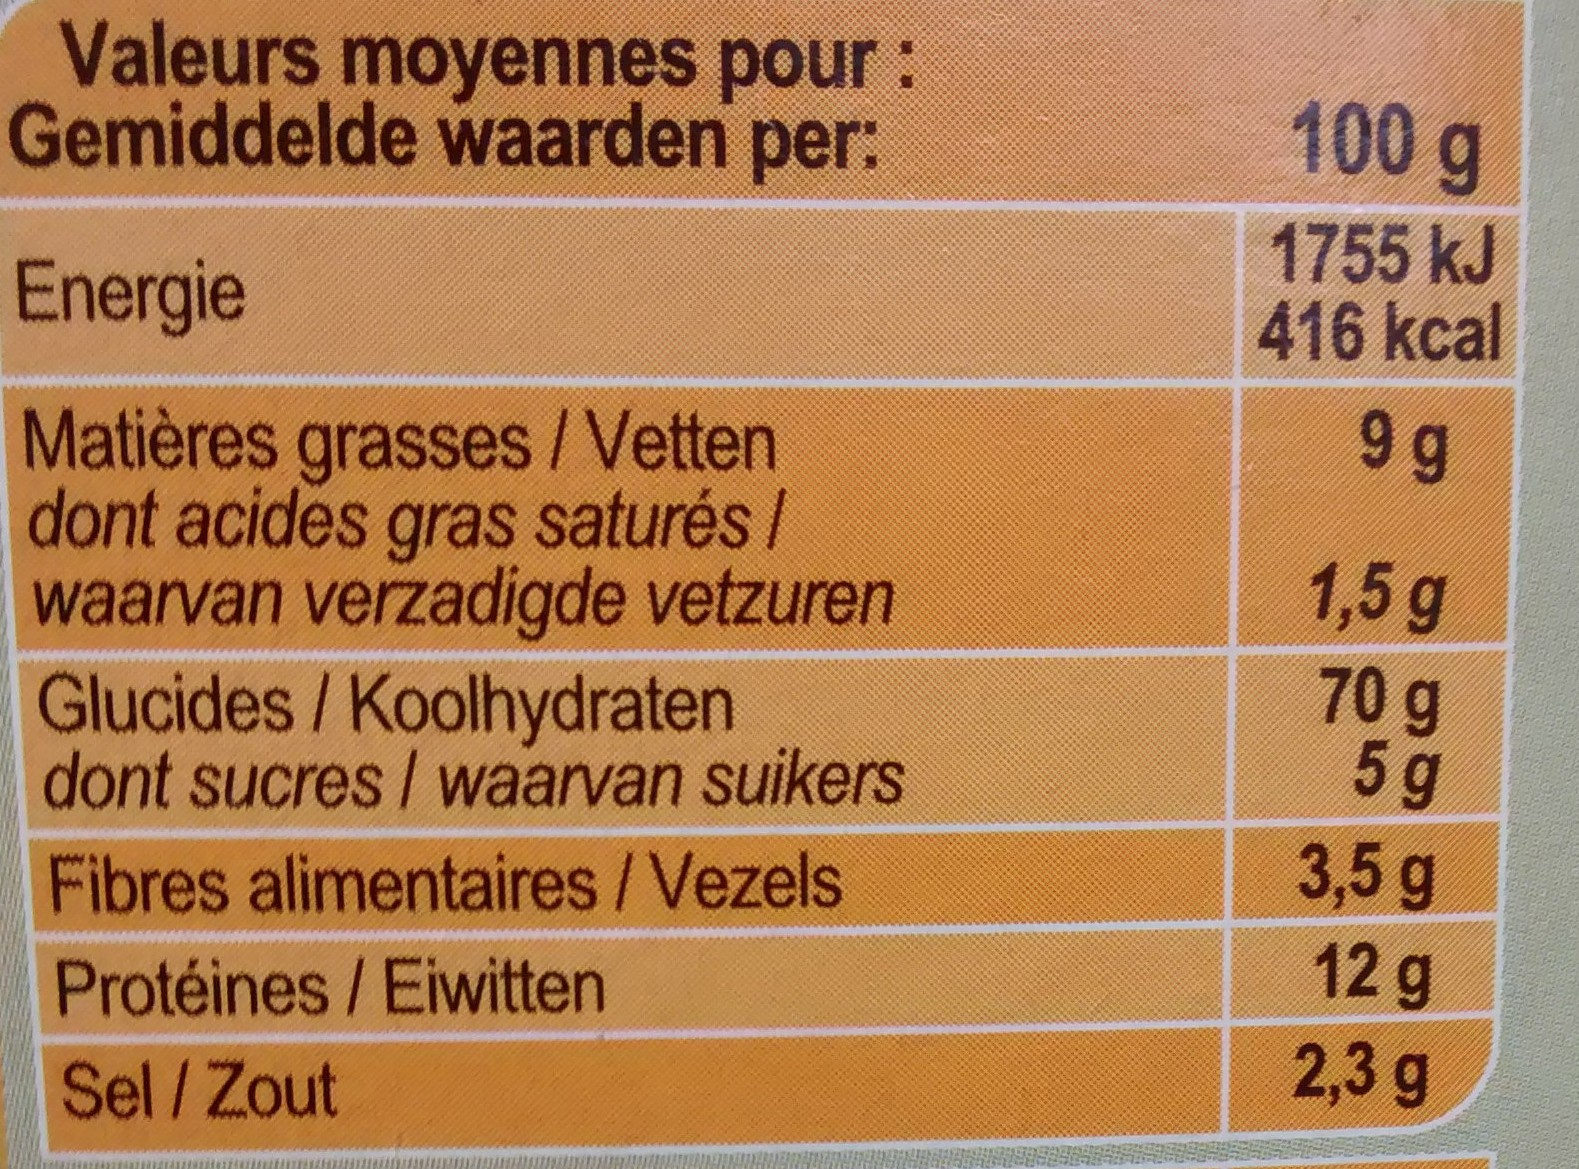 Flûtes Huile d'olive 7% & romarin - Voedingswaarden - fr